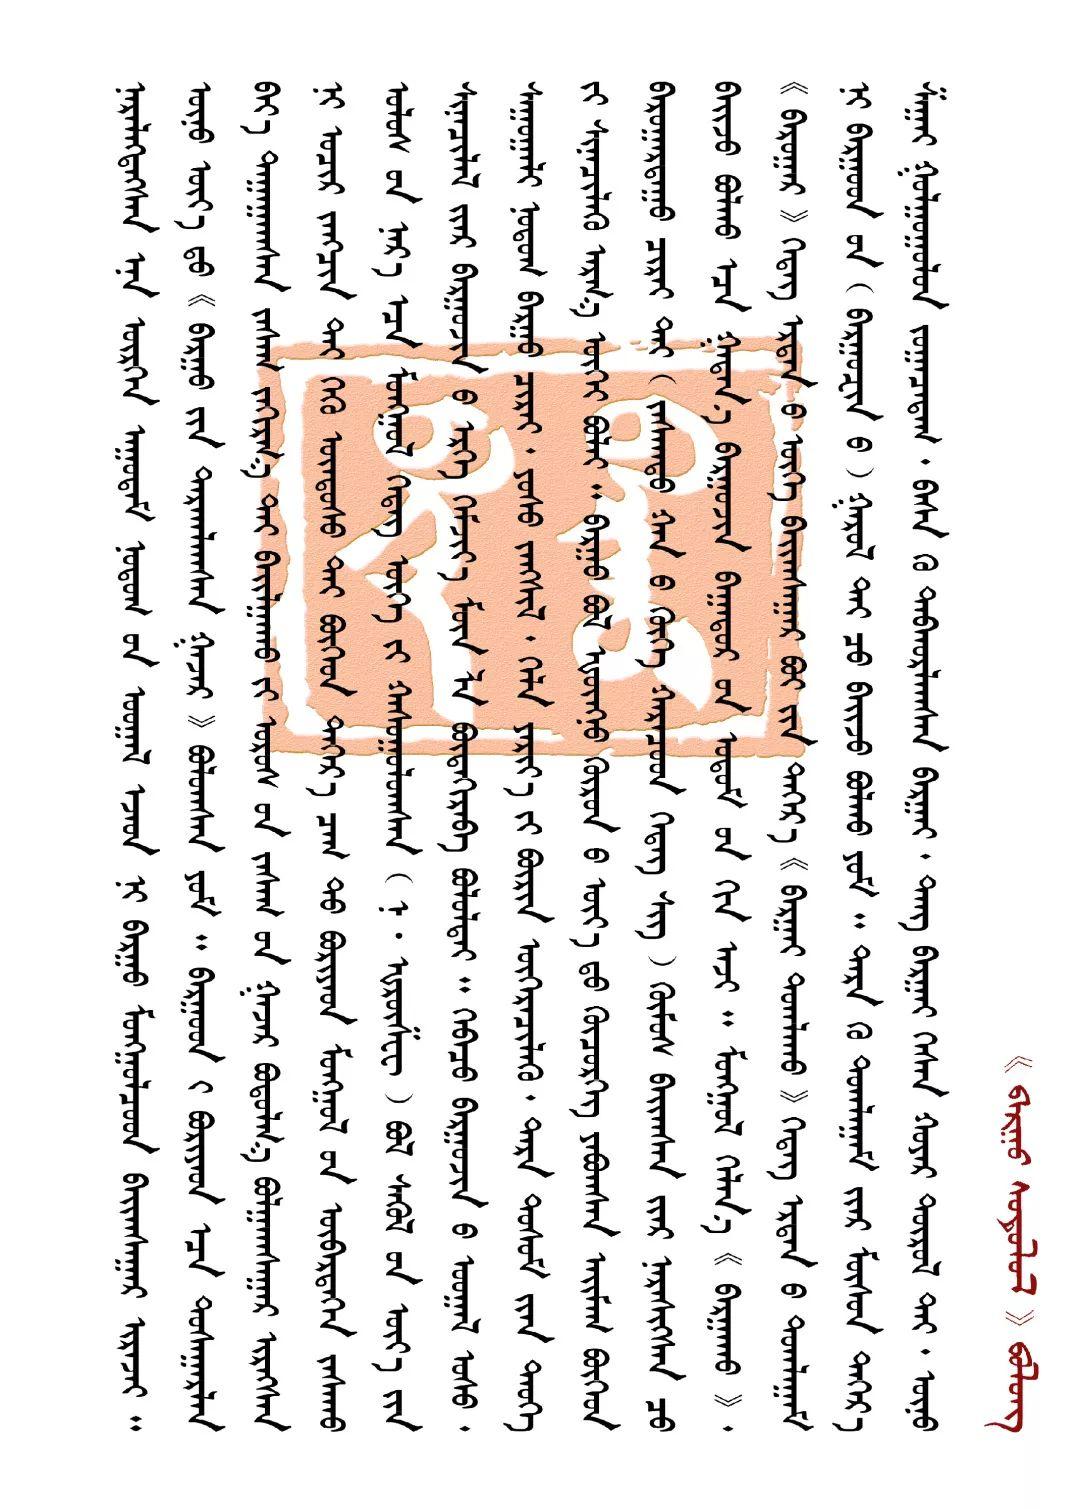 巴尔虎研究 【第三期】 第7张 巴尔虎研究 【第三期】 蒙古文化